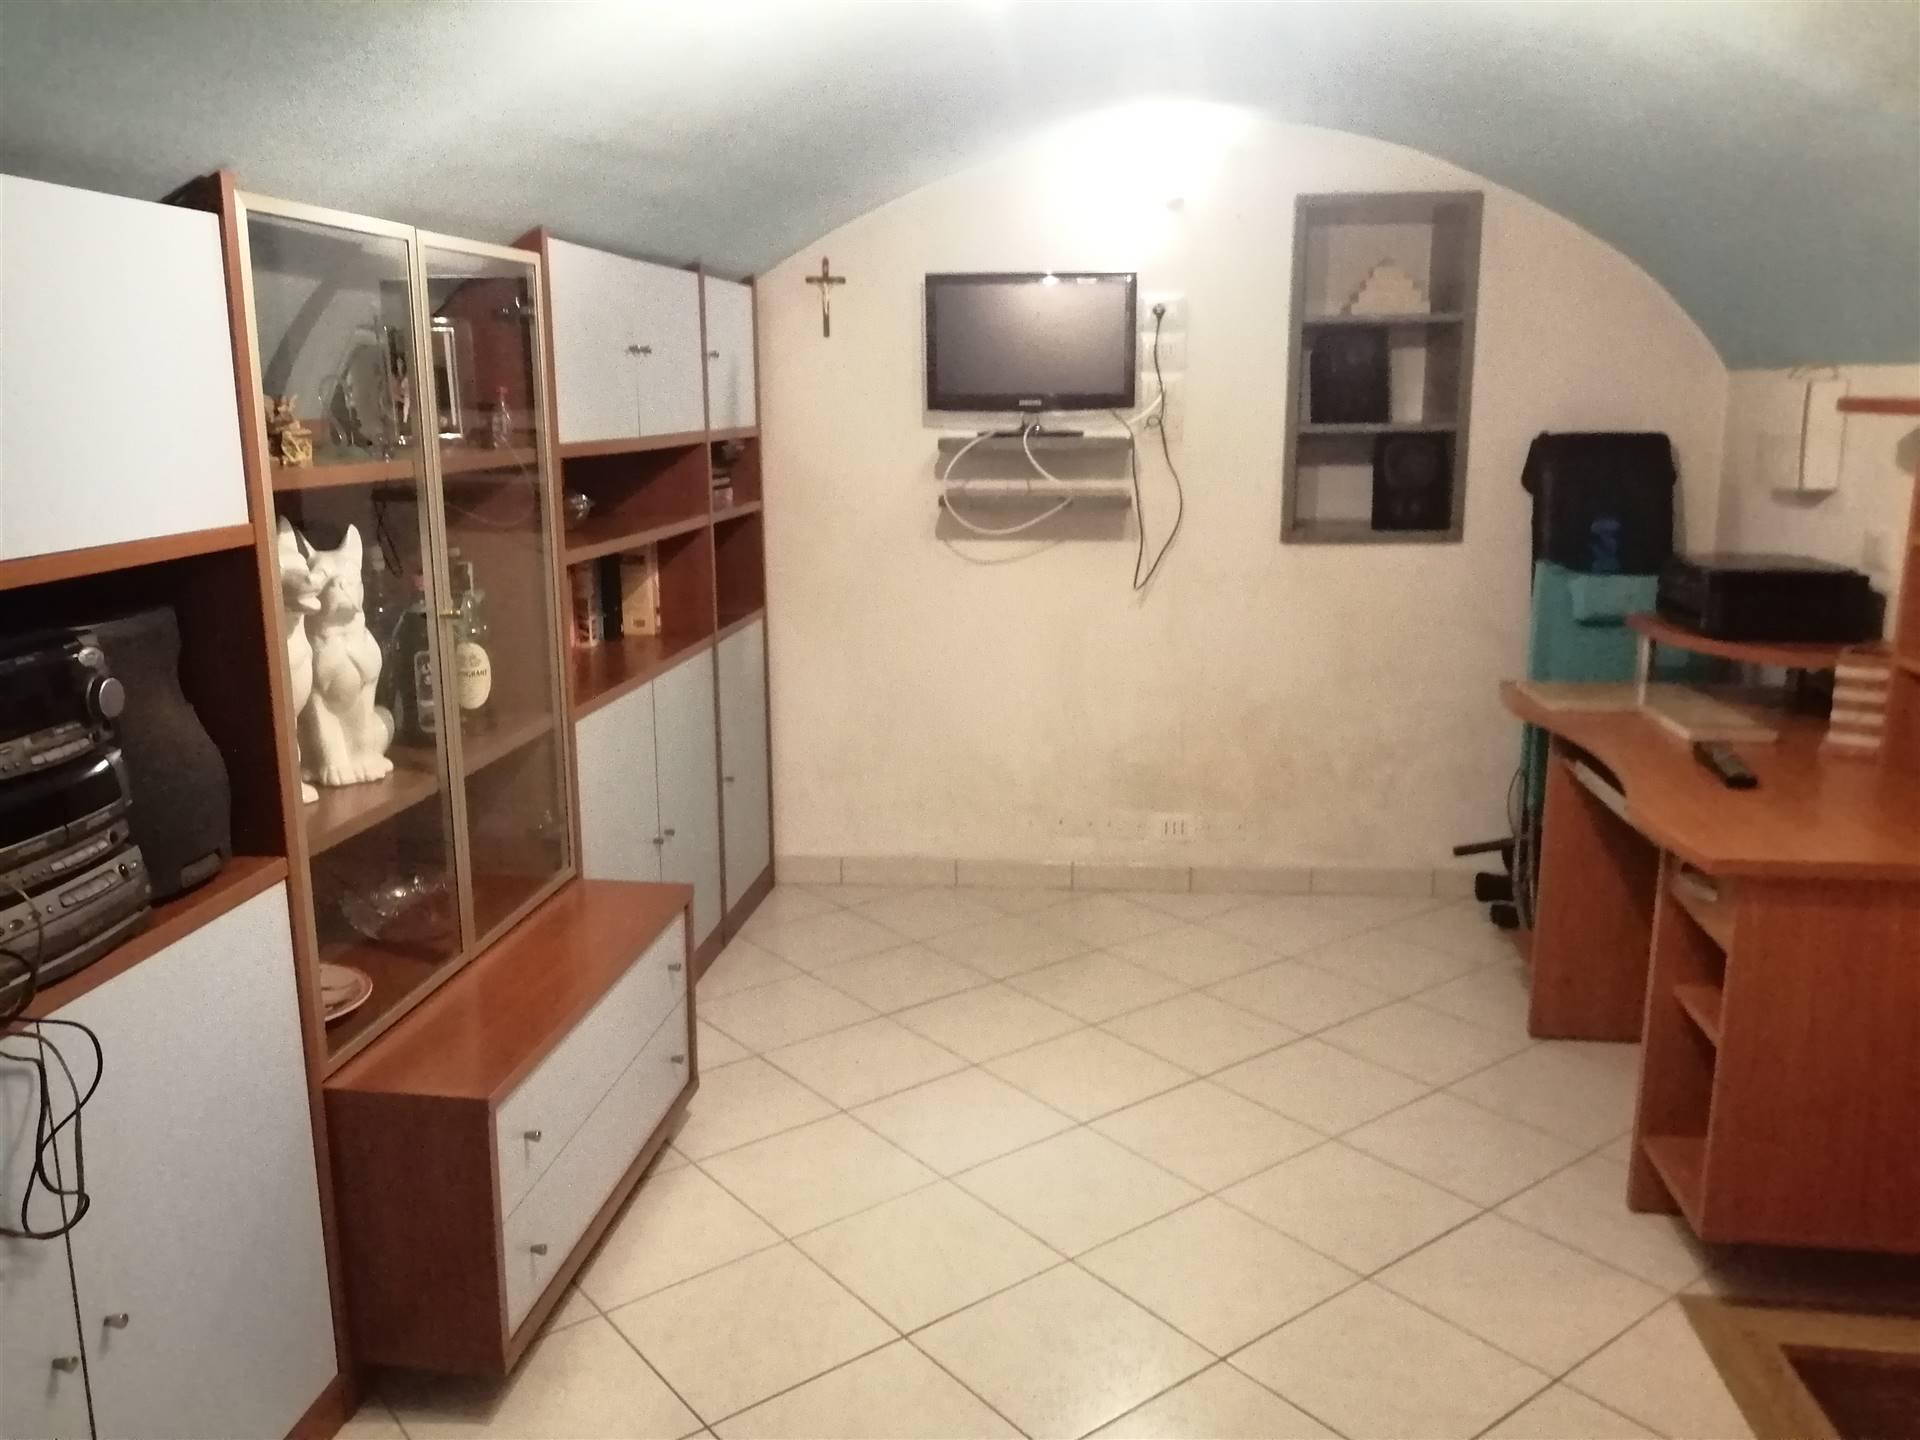 Appartamento in vendita a Isolabona, 2 locali, prezzo € 50.000 | PortaleAgenzieImmobiliari.it